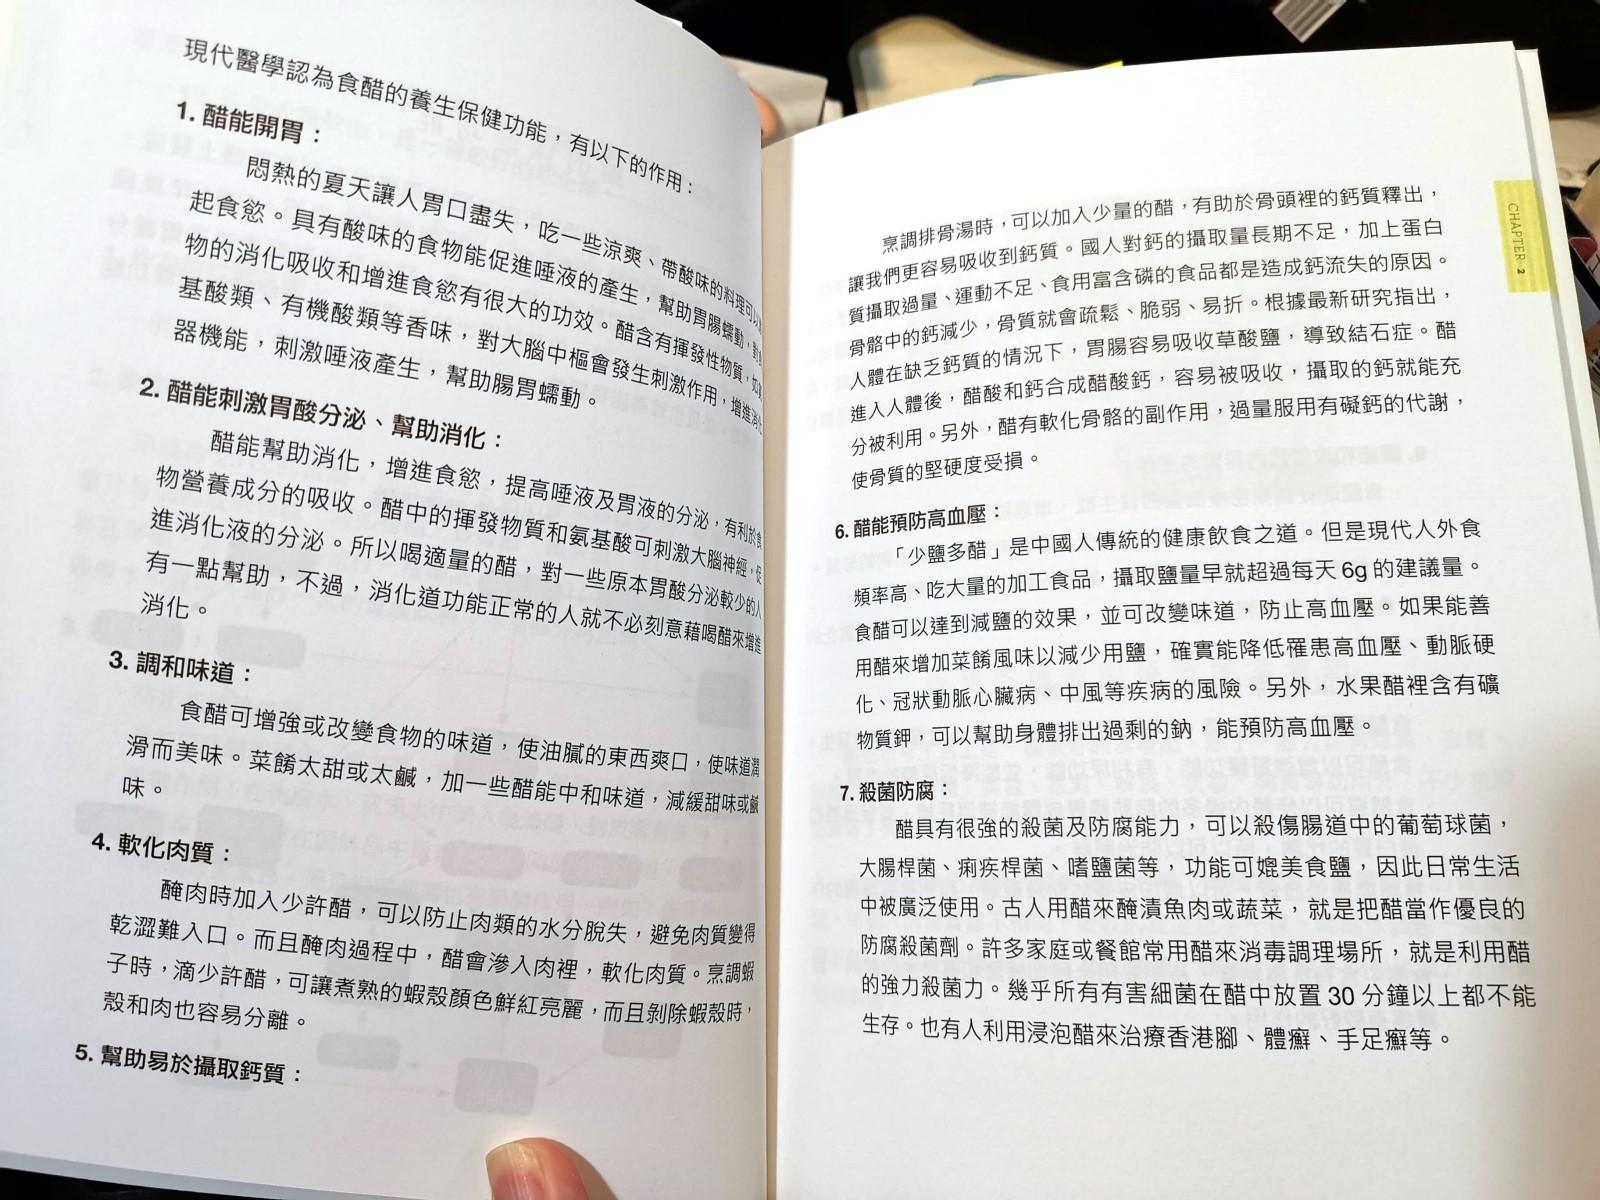 『這才是釀造醋』之食醋保健功能,作者徐茂揮、古麗麗